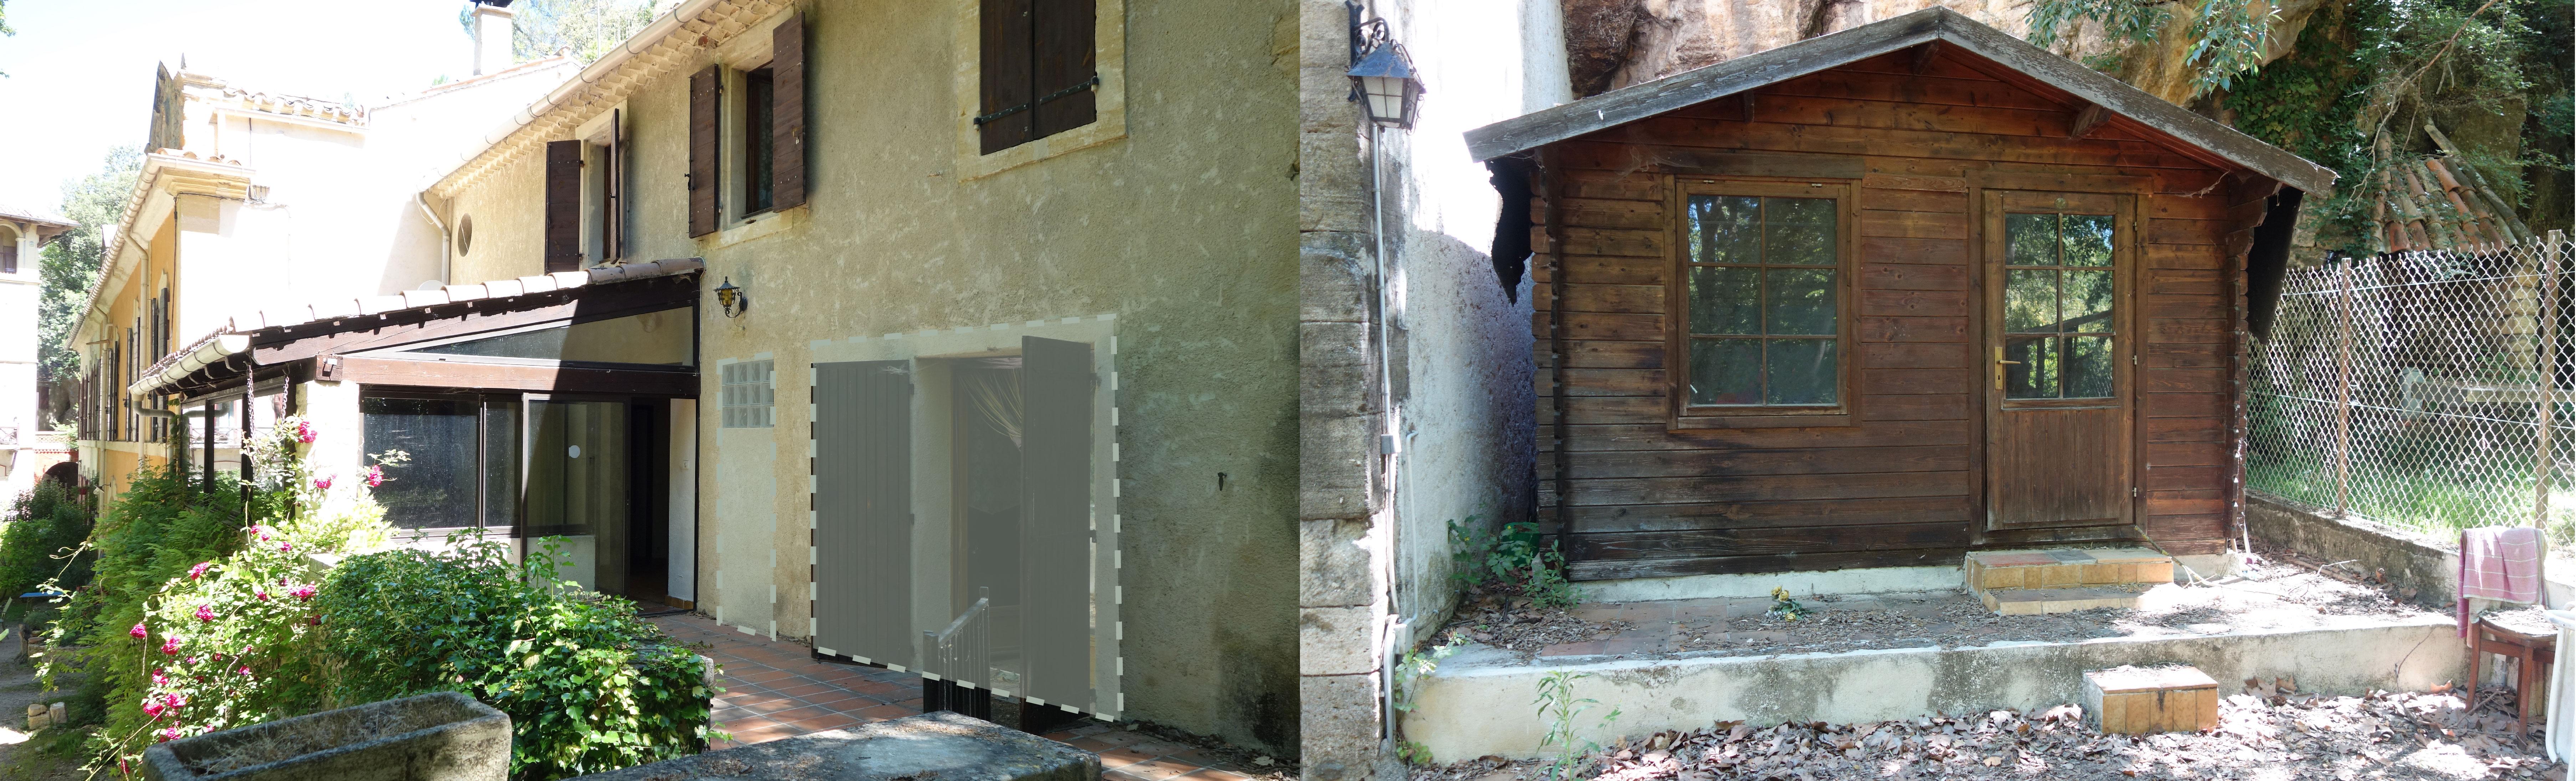 Projet exterieur terrasse 1-01